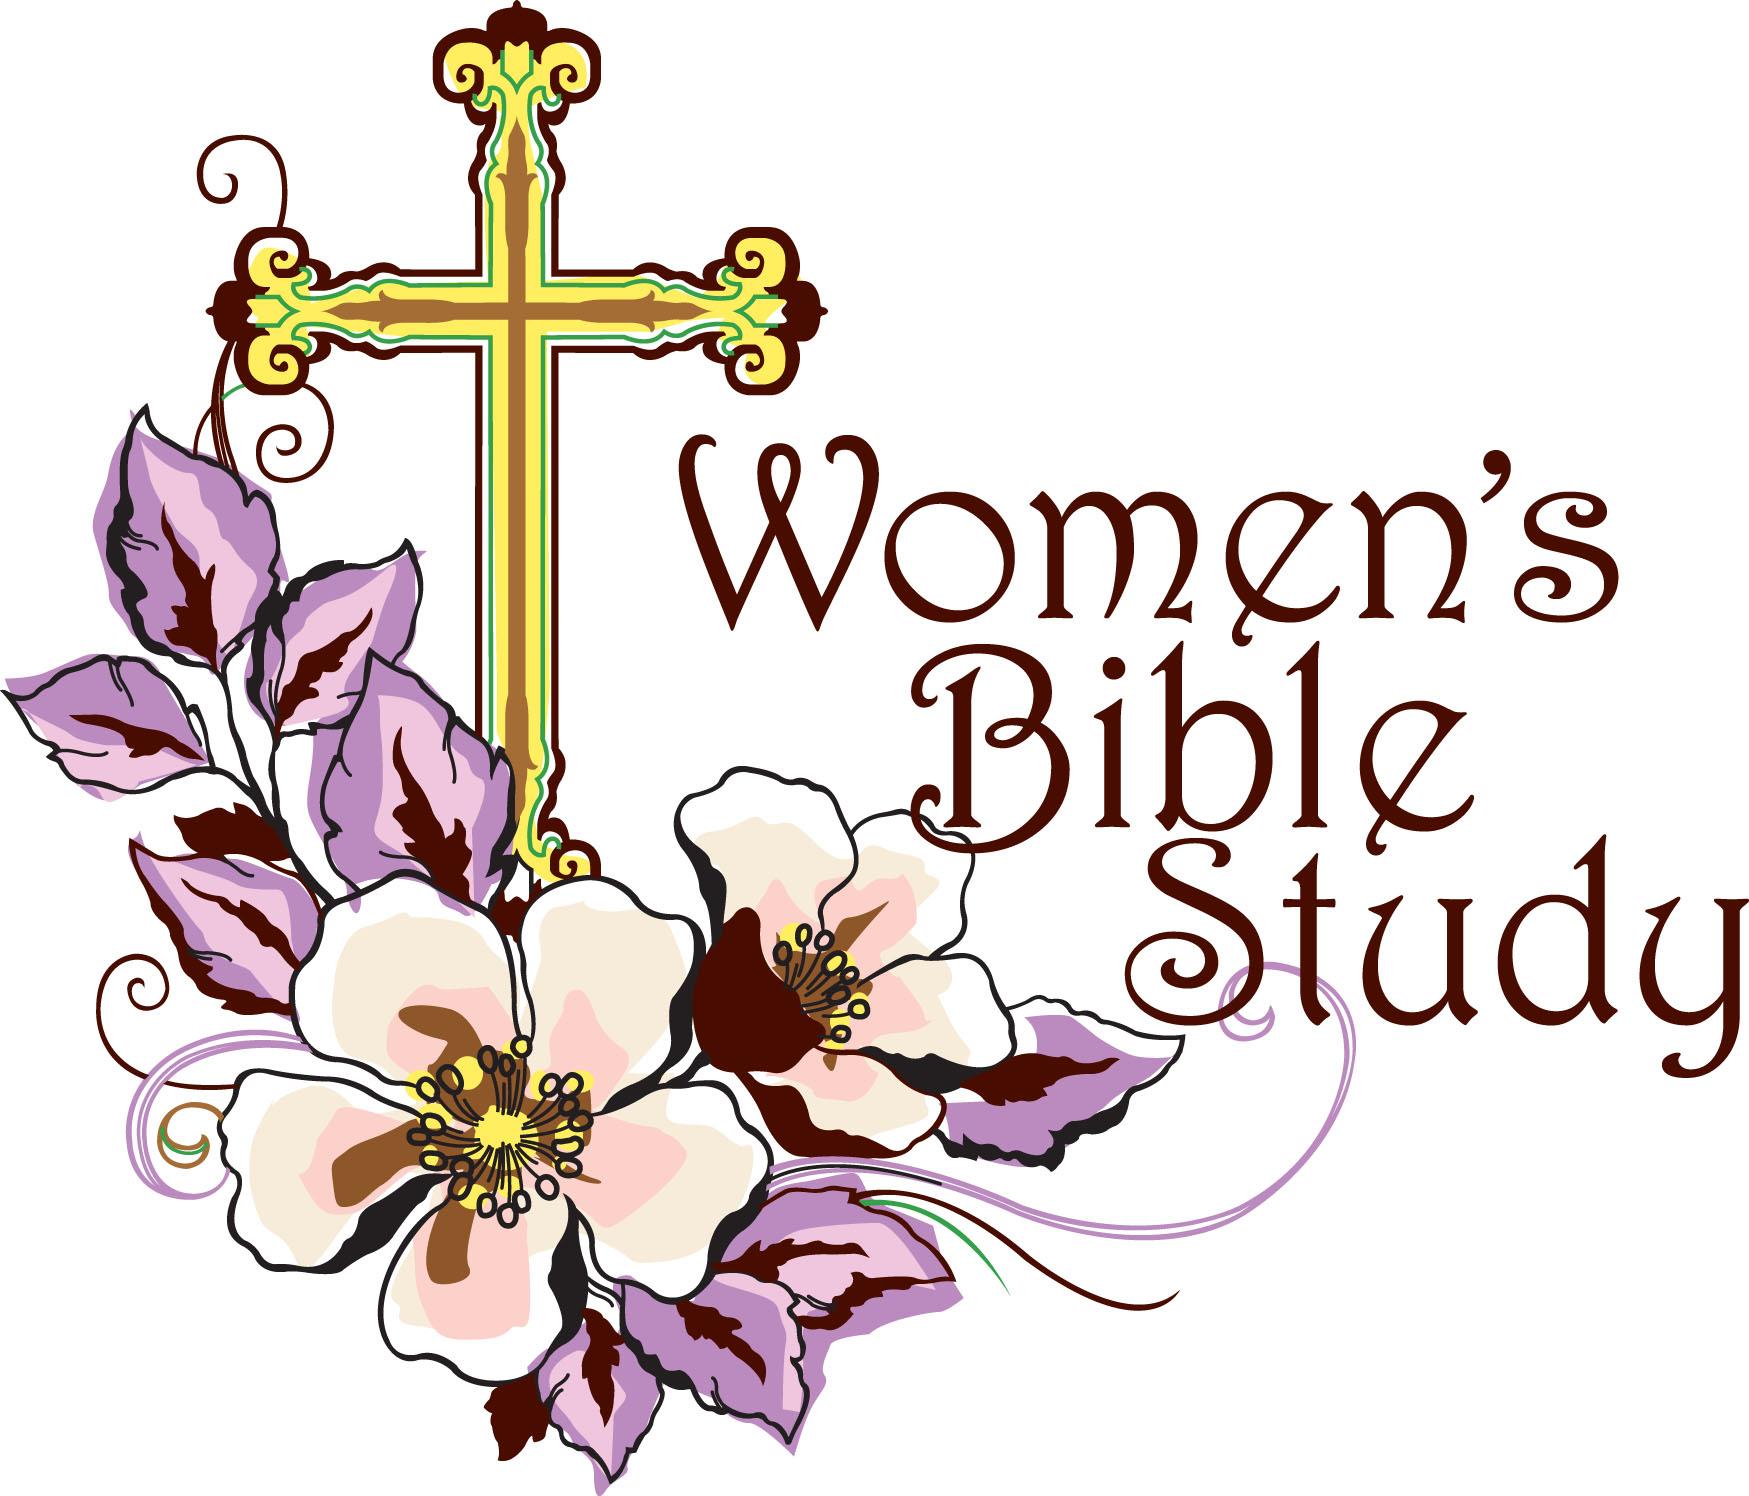 Clip Art Bible Study Fellowship Clipart - Clipart Kid